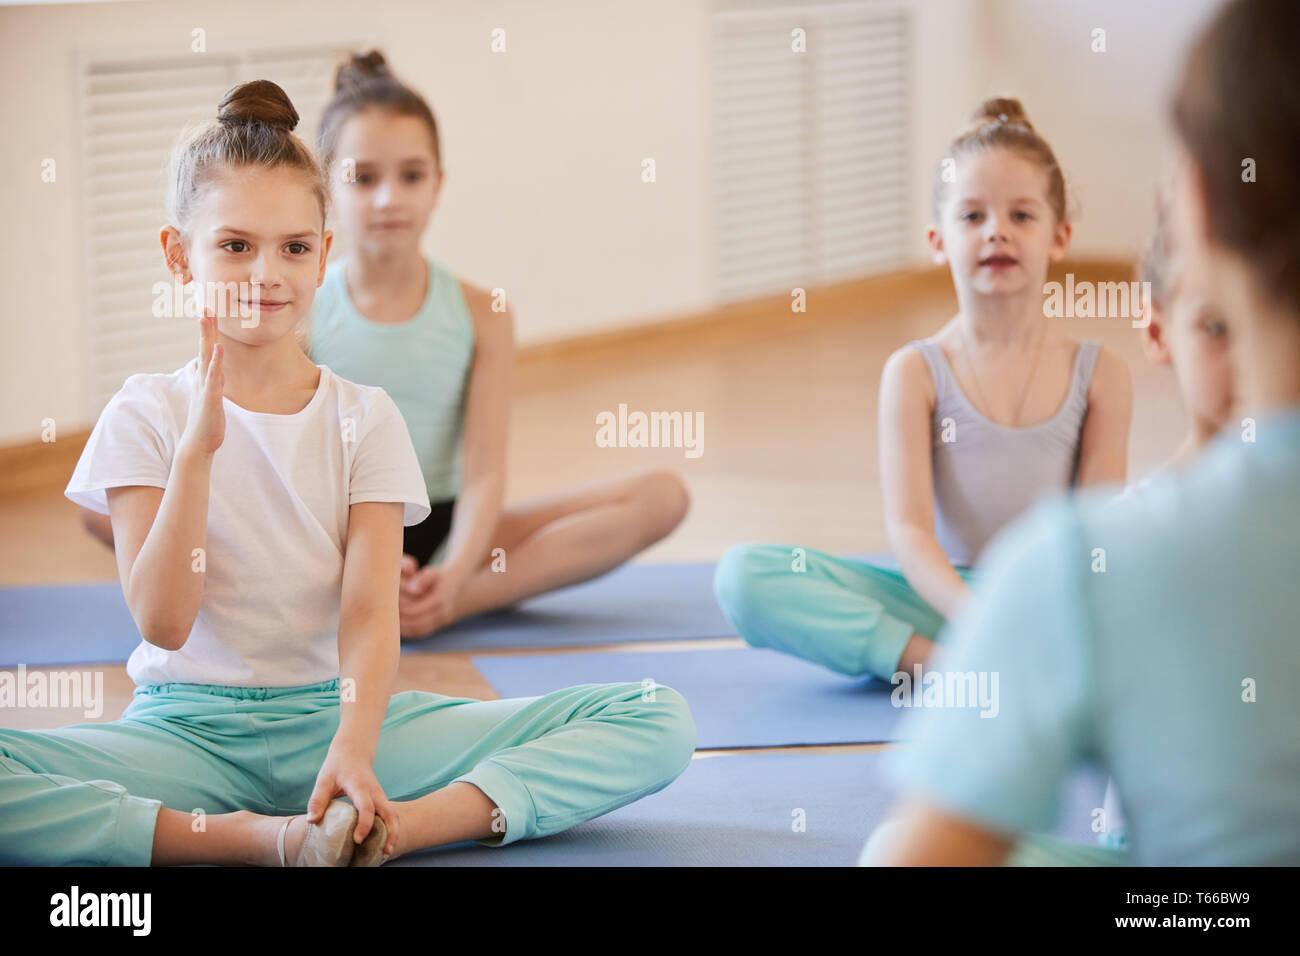 Mädchen Fragen stellen in der Klasse Stockbild